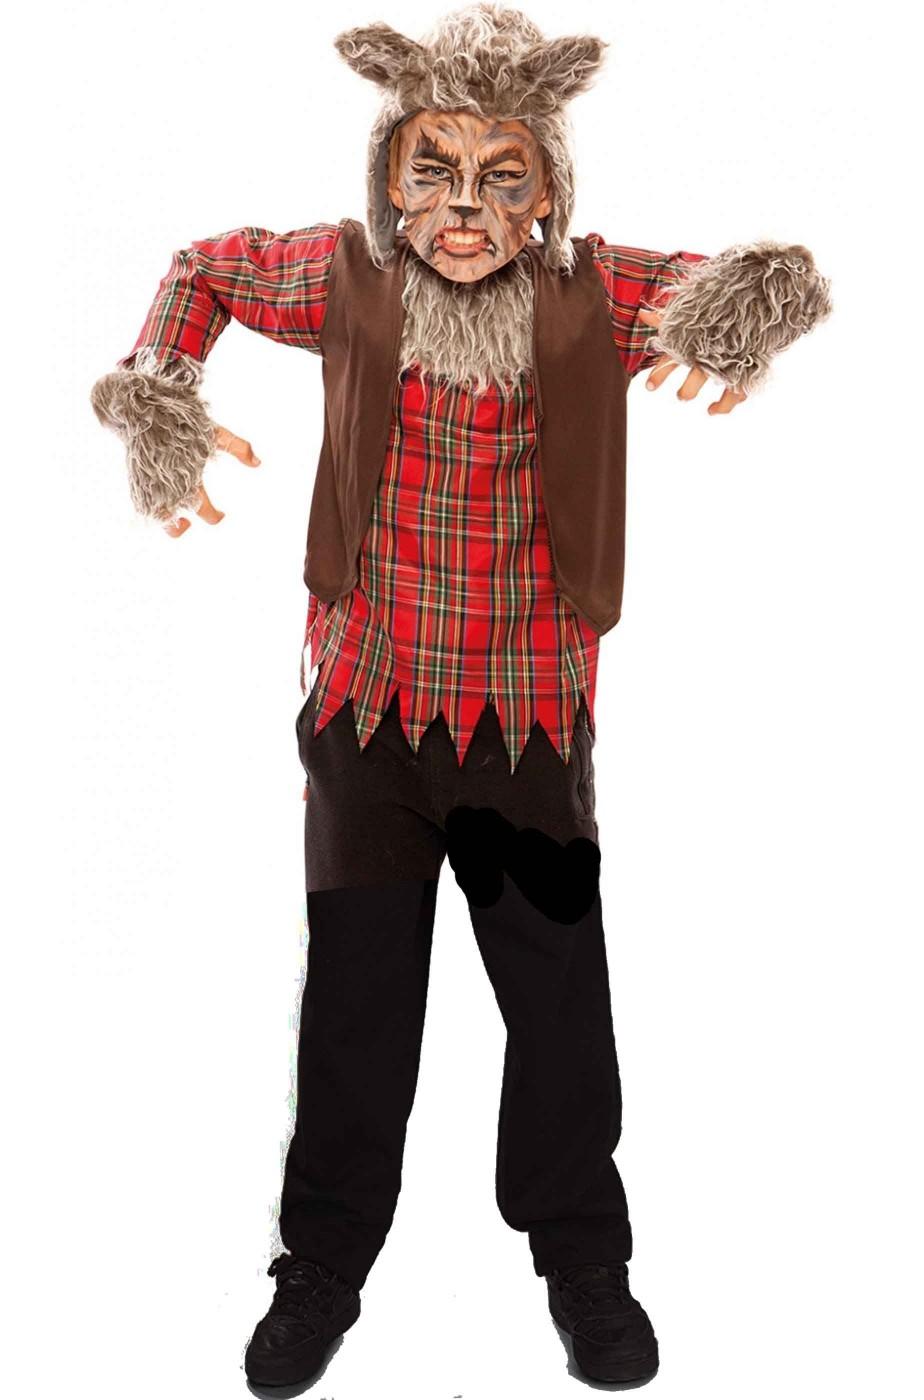 Costume Halloween da bambino da uomo lupo